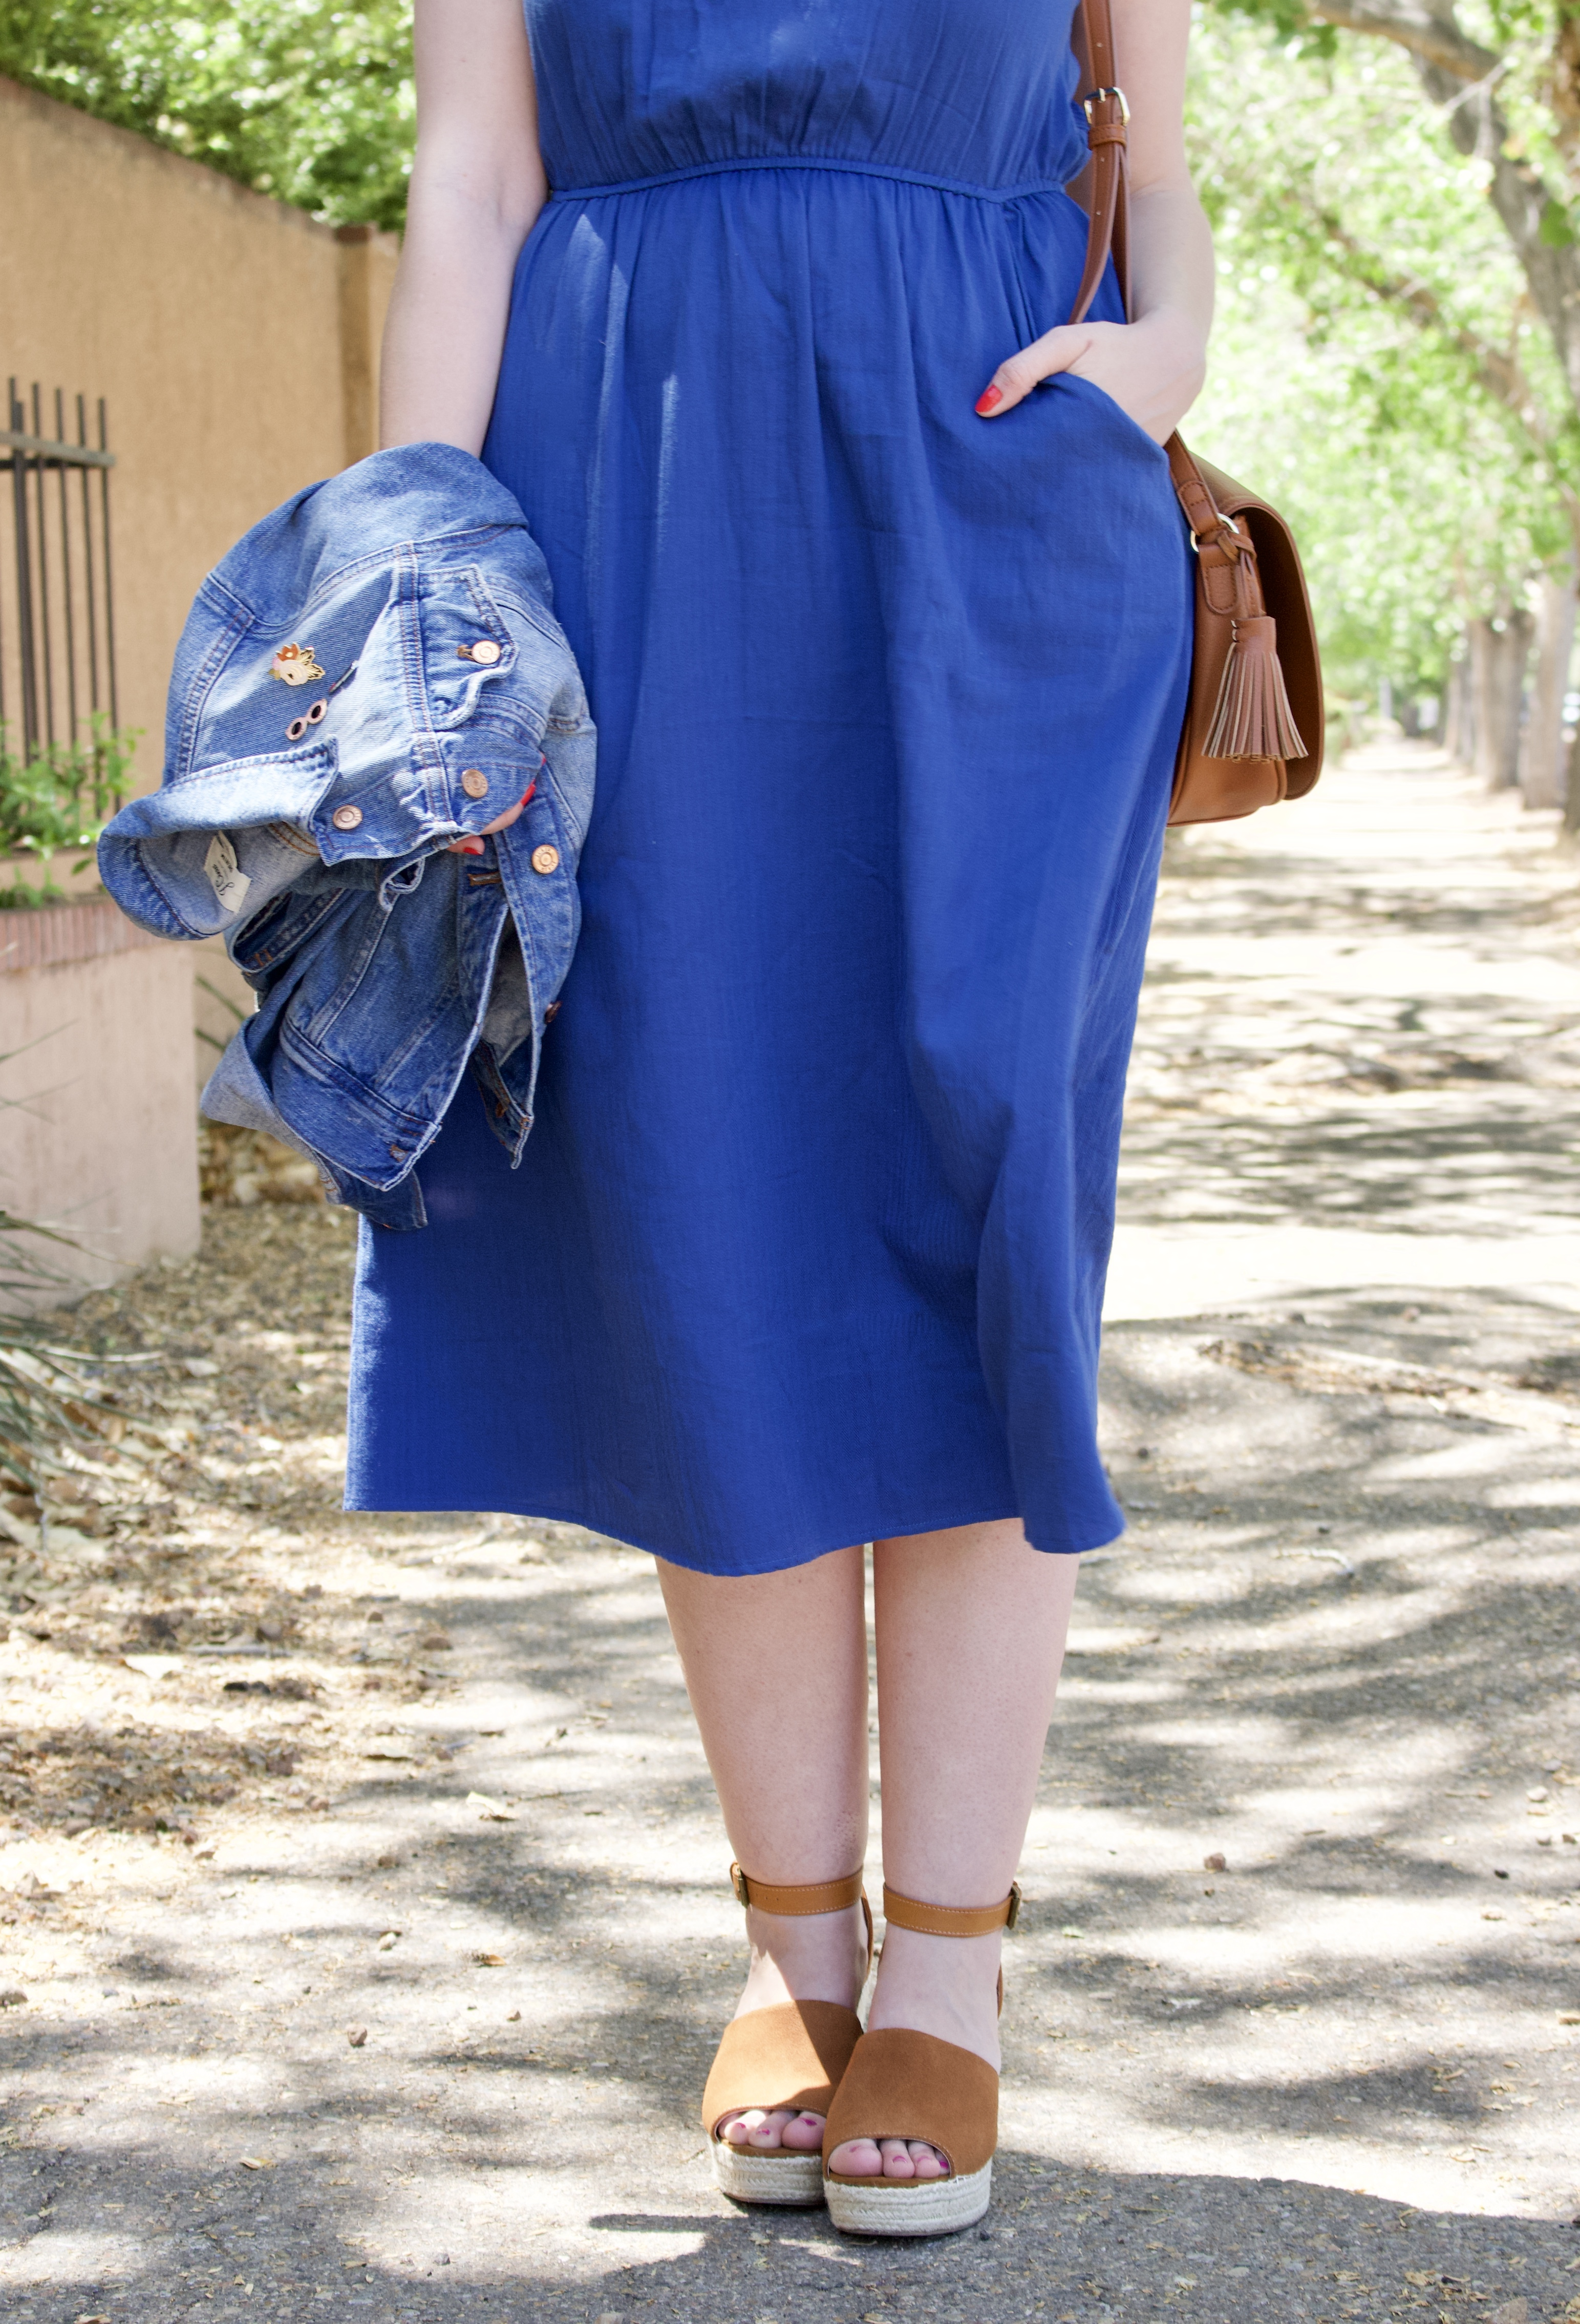 steve madden jaylen wedges #wedges #springshoes #shoes #outfitdetails